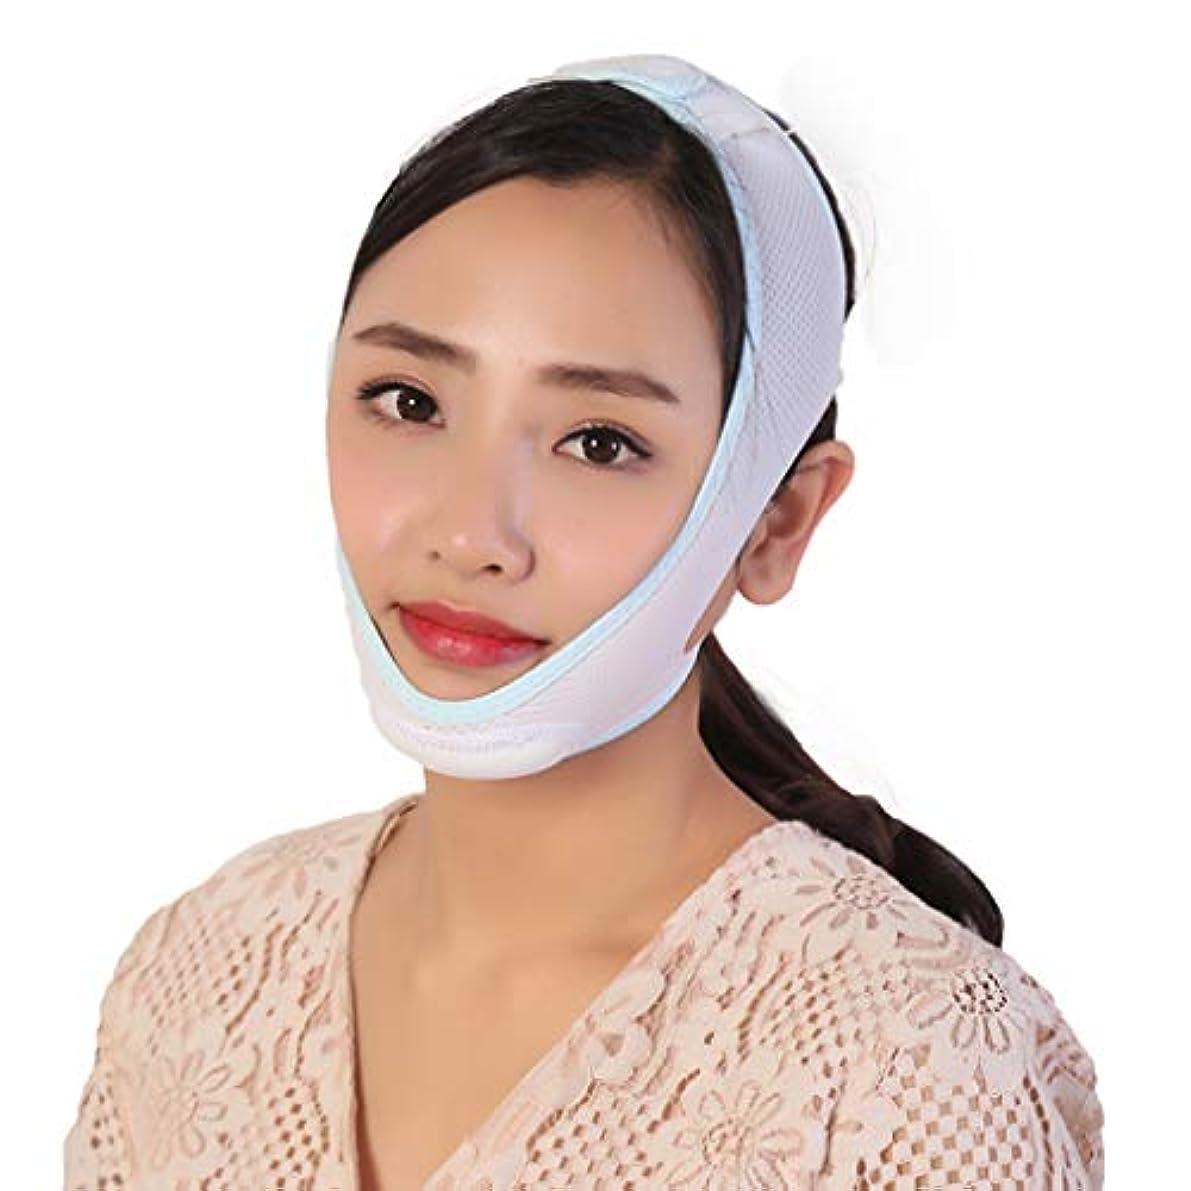 留まる排気熟達顔の顔を持ち上げる顔のマスクを改善するために快適な顔面曲線包括的通気性包帯